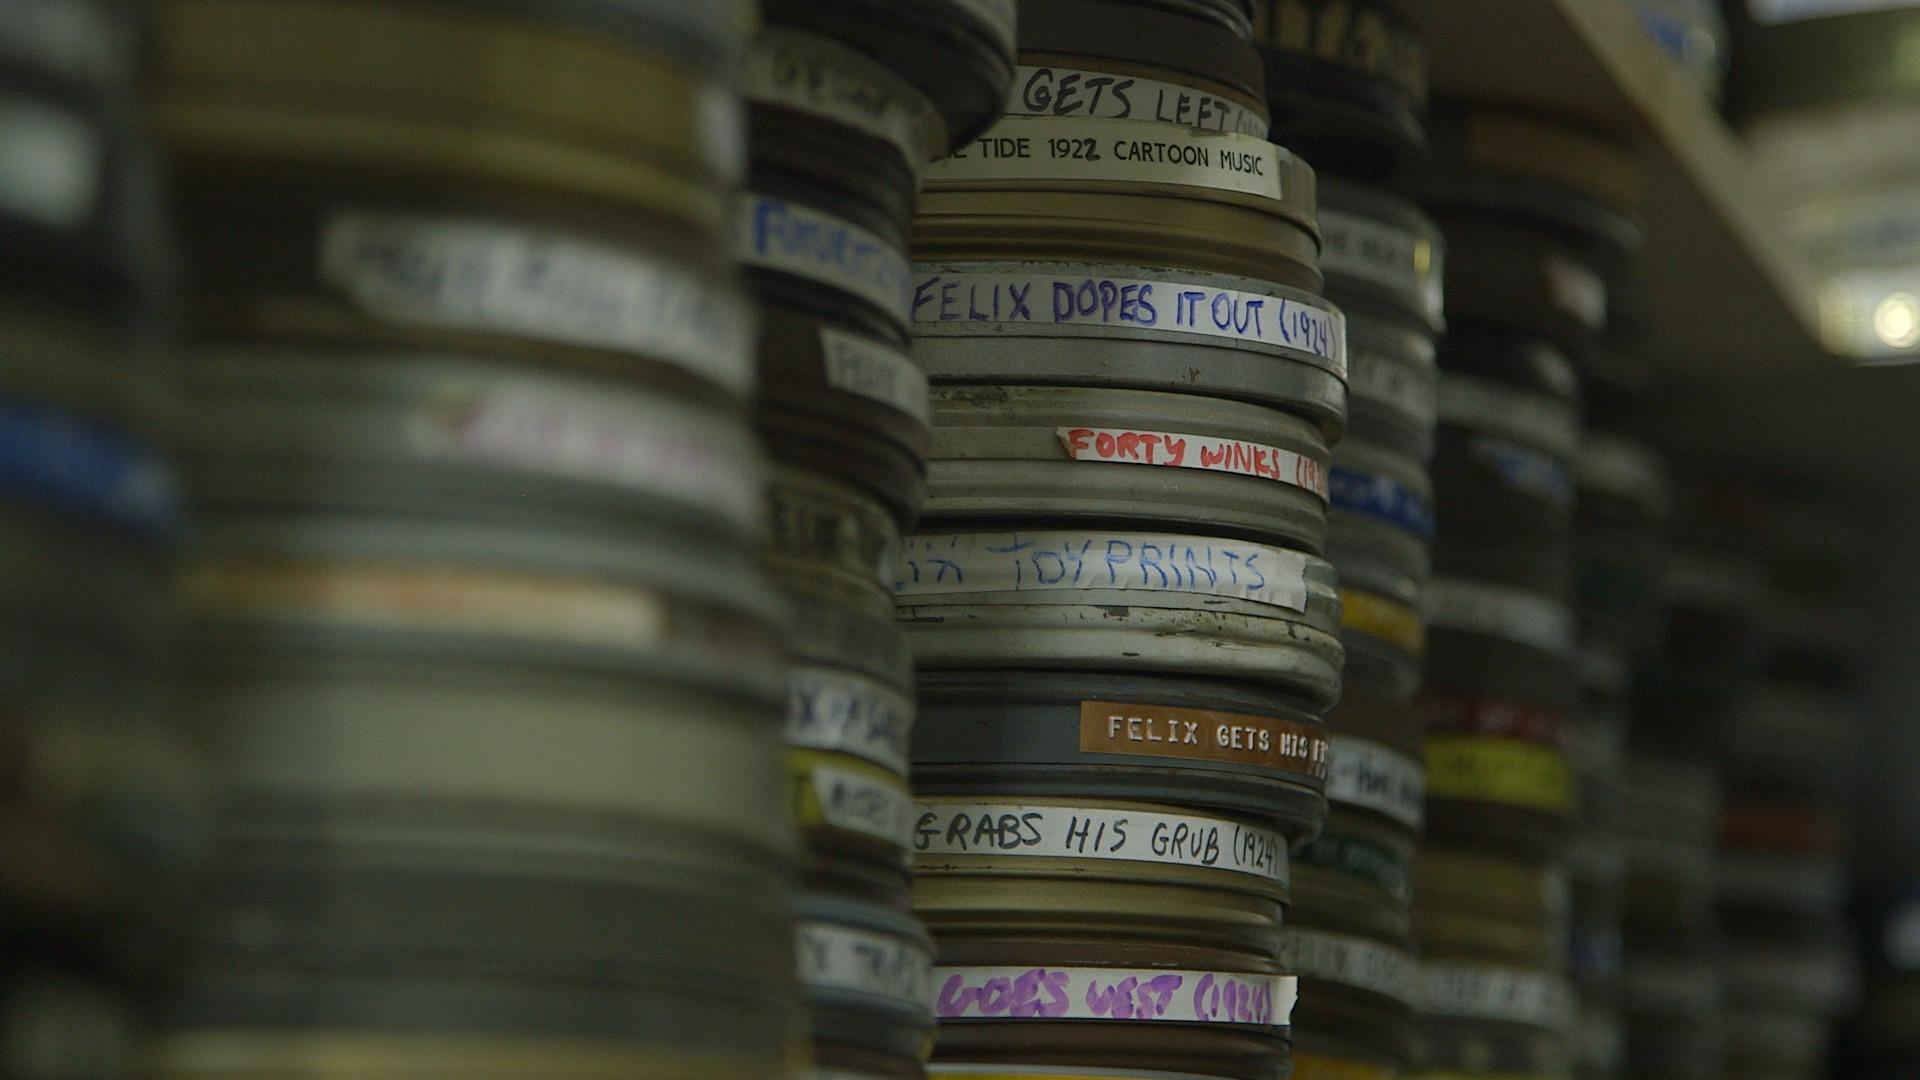 filmcans1.jpeg